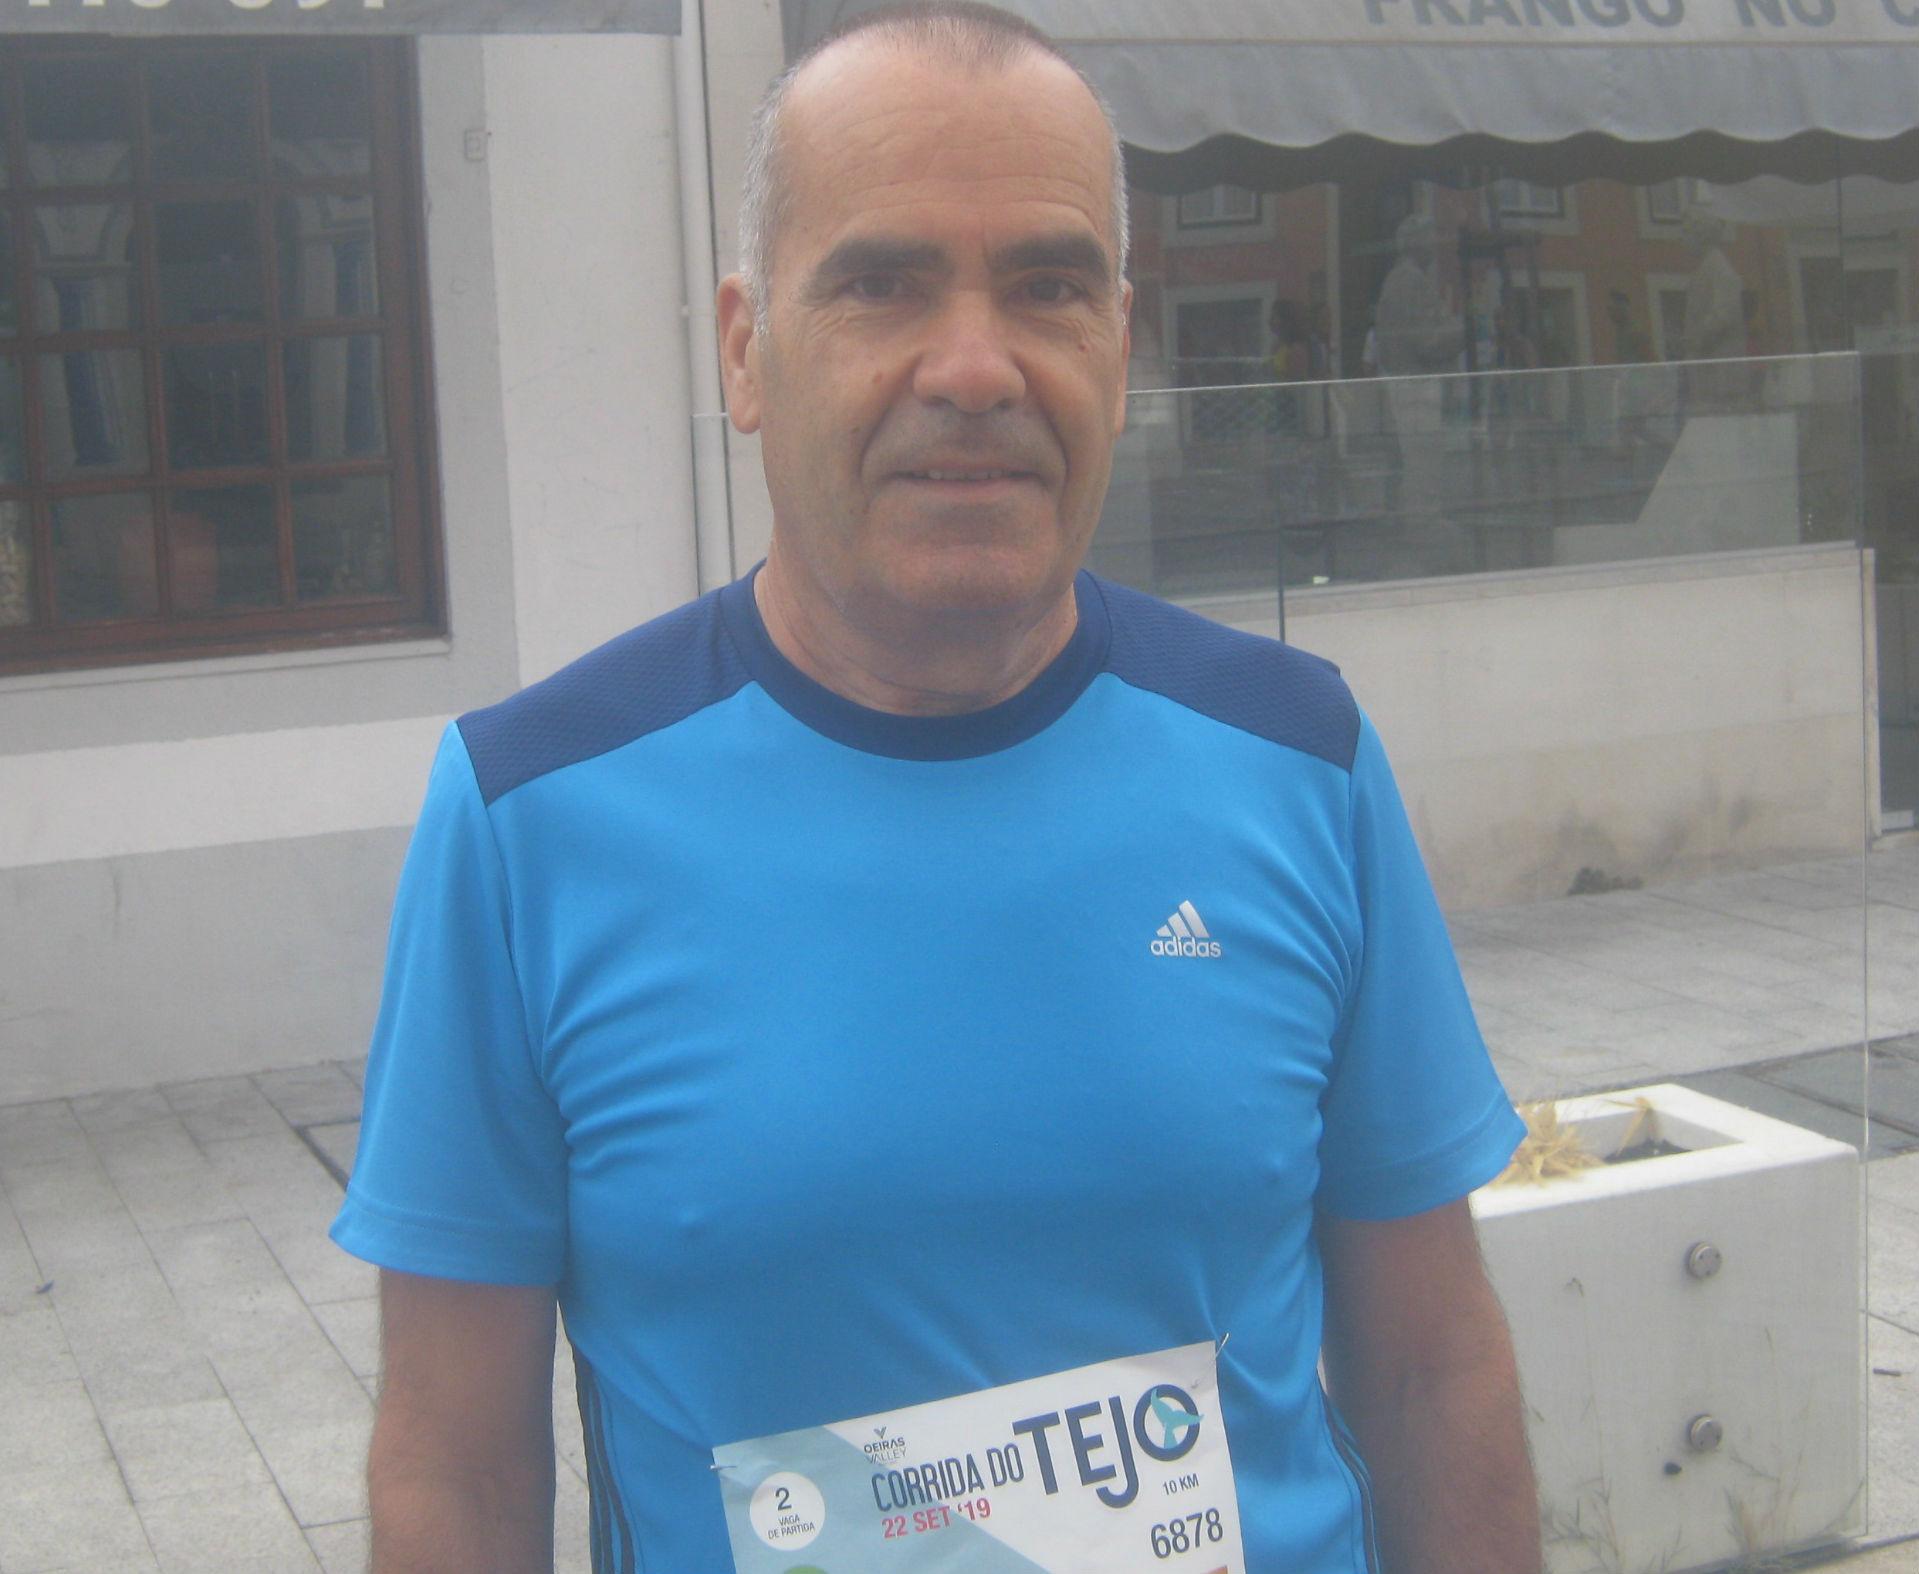 Corrida do Tejo 2019-Carlos Oliveira